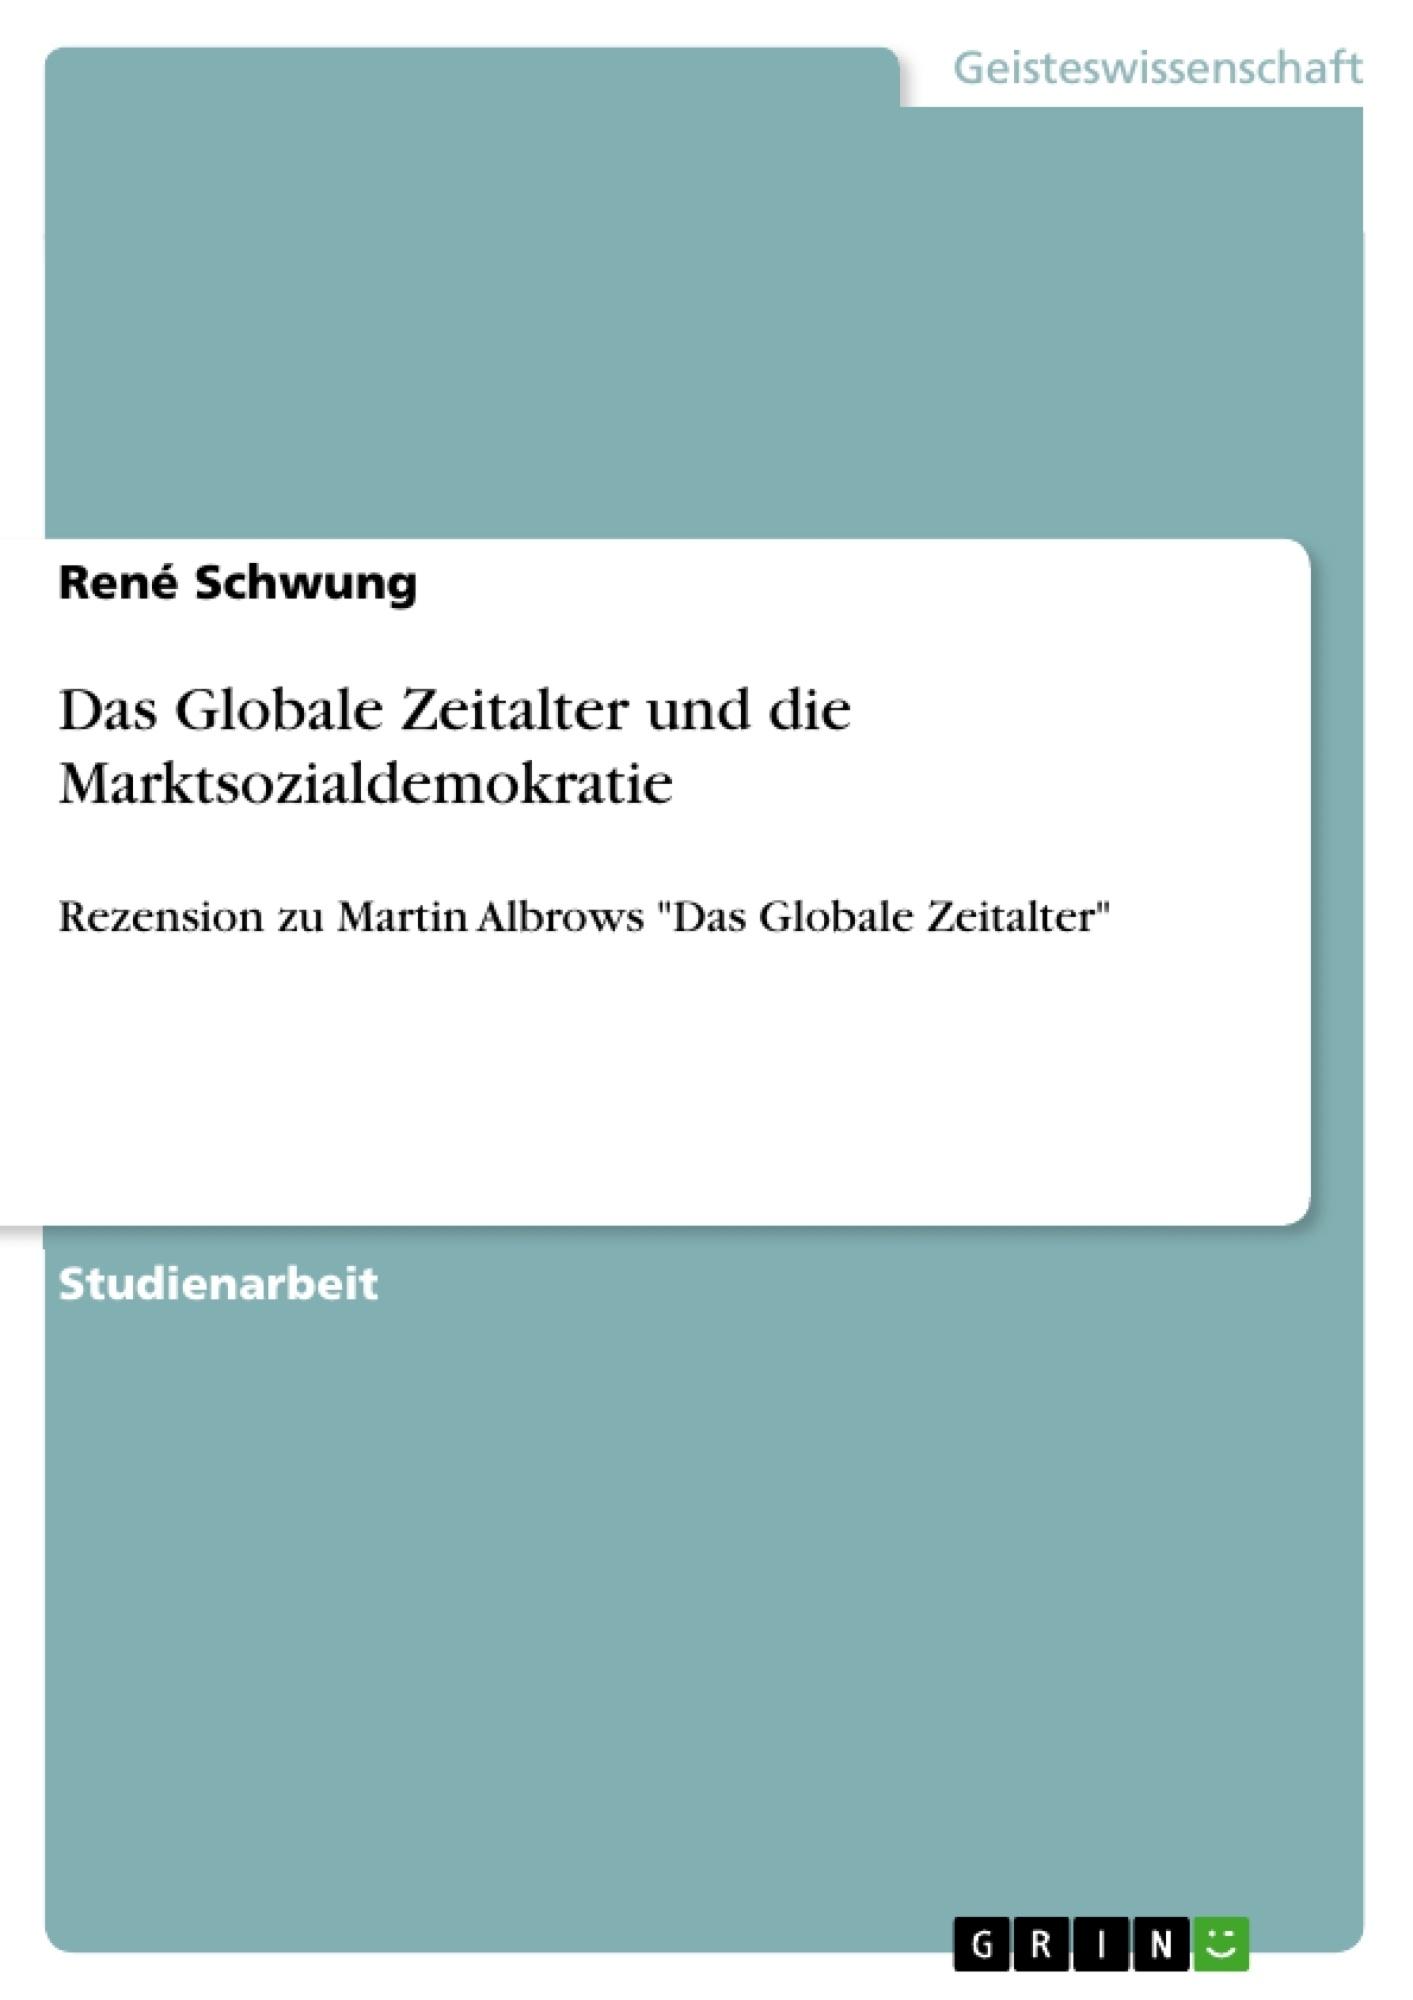 Titel: Das Globale Zeitalter und die Marktsozialdemokratie